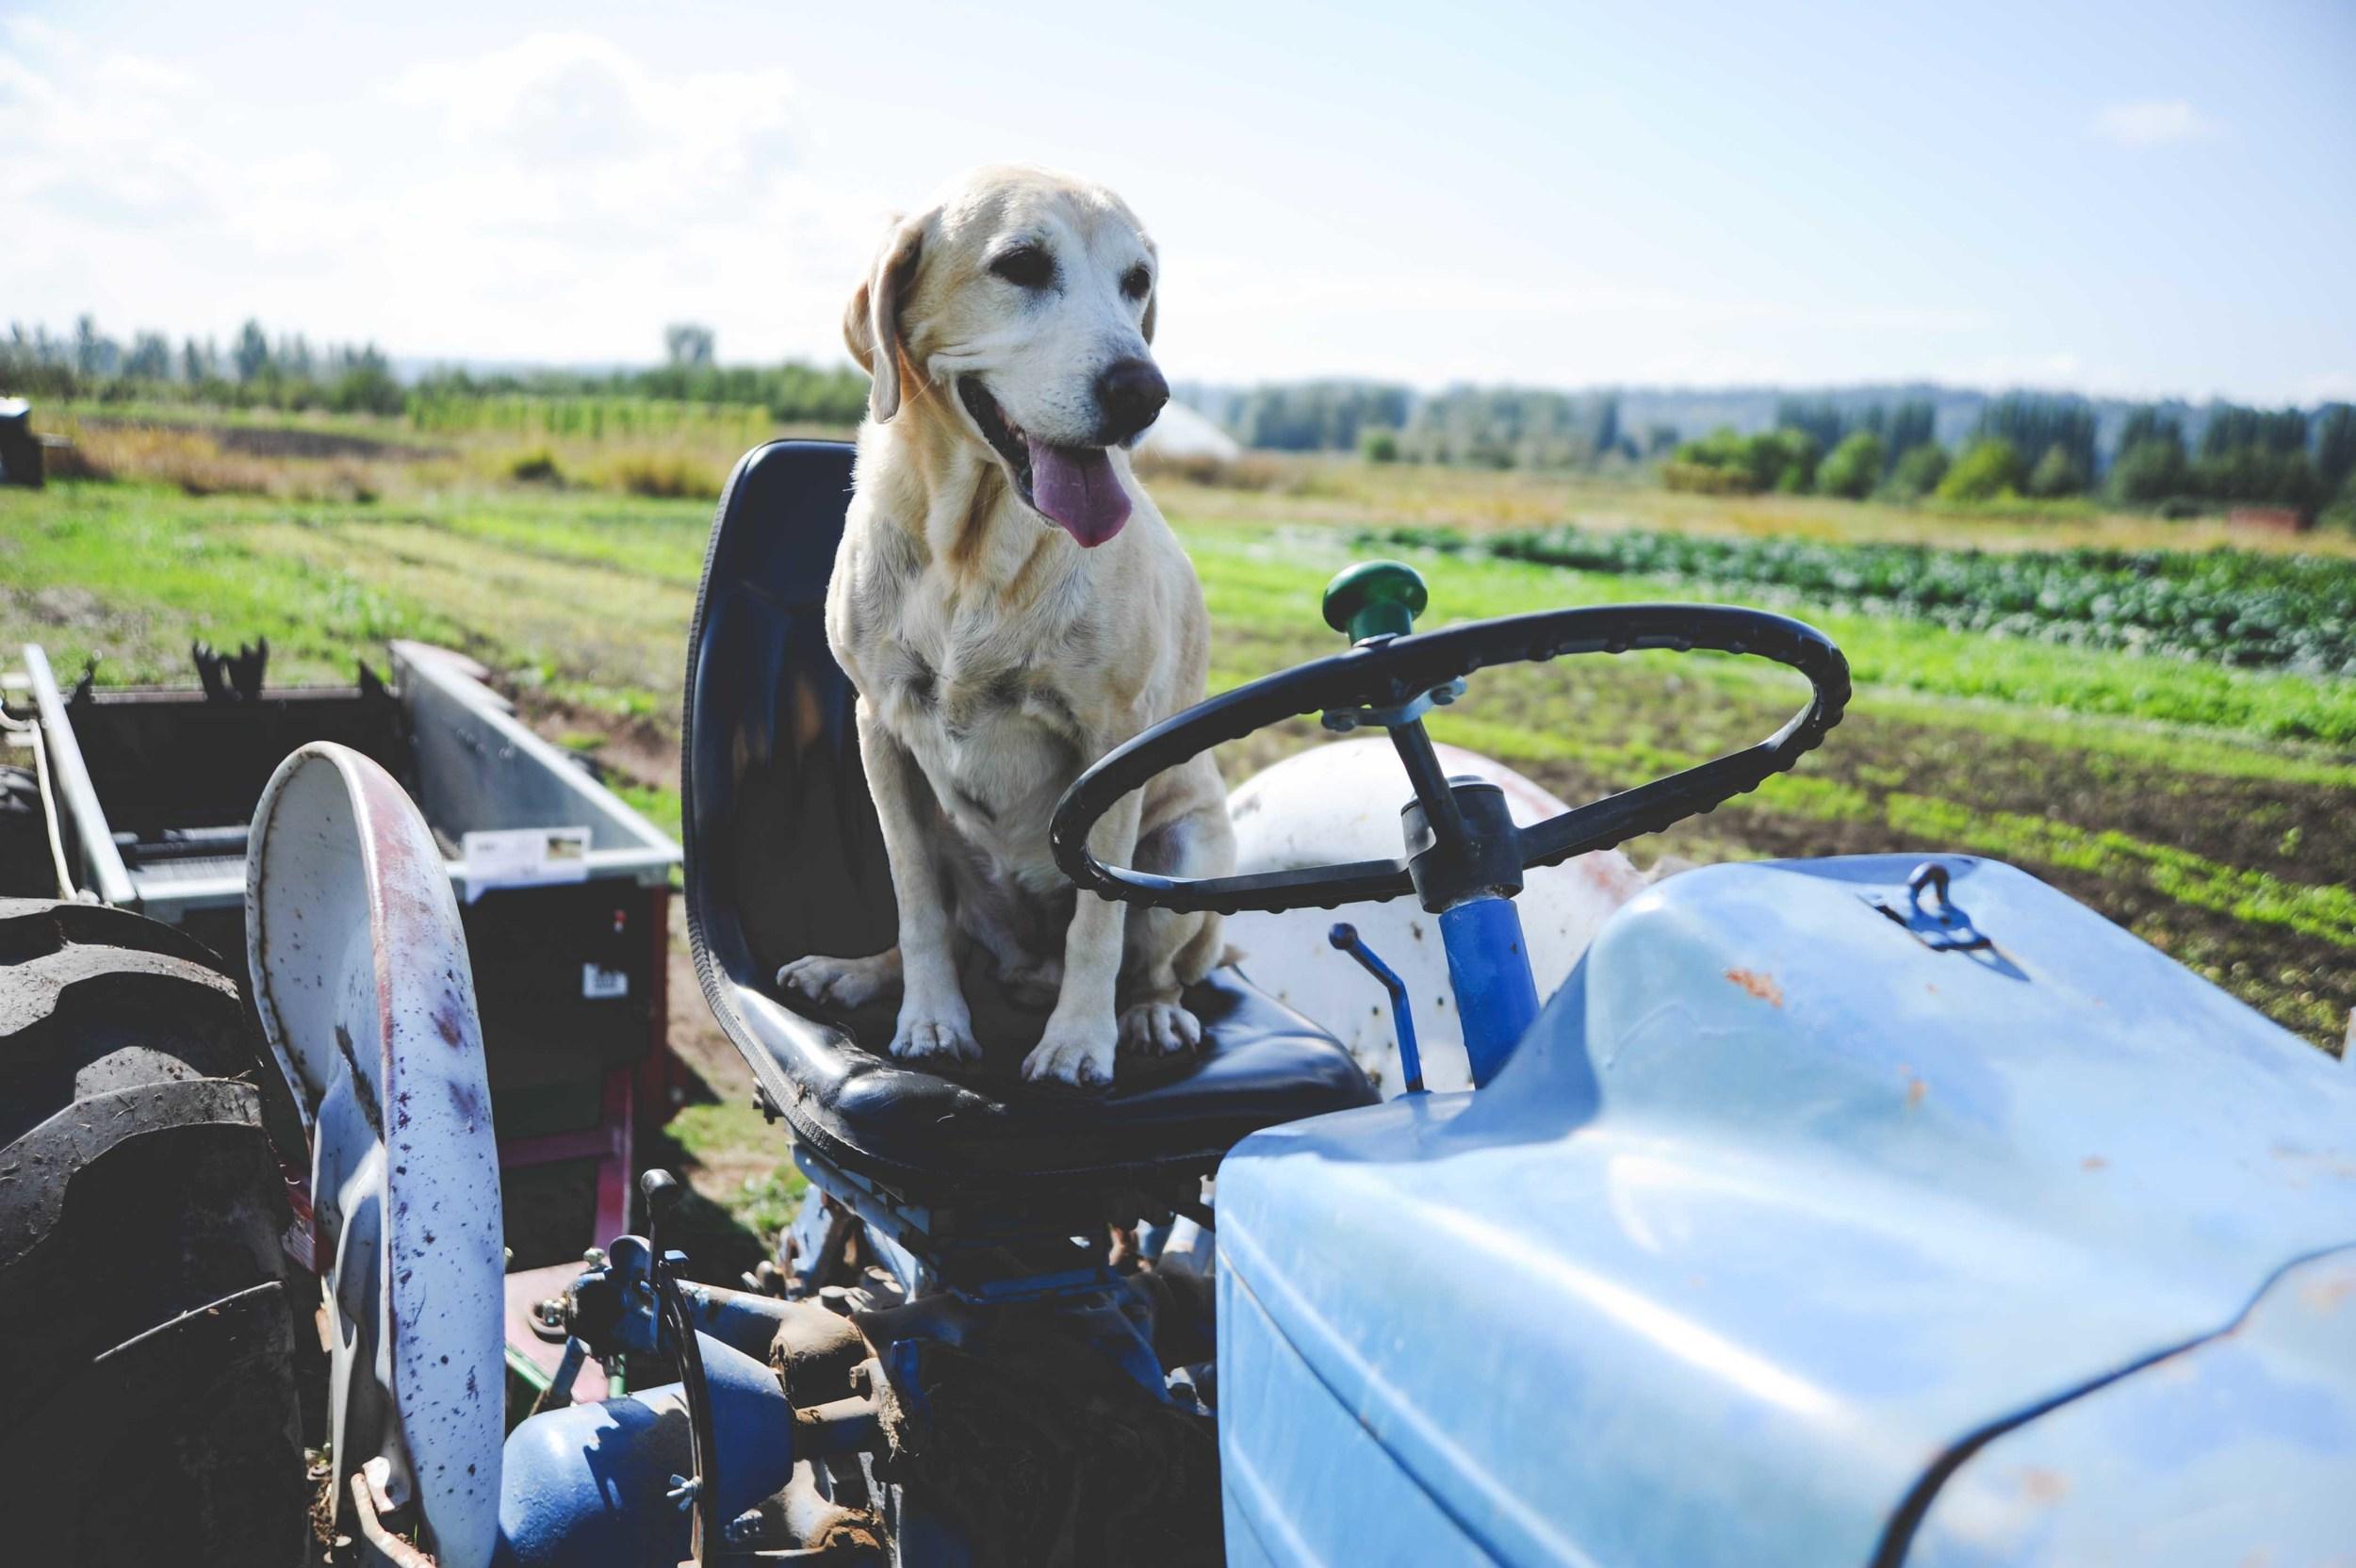 Bailey at the farm